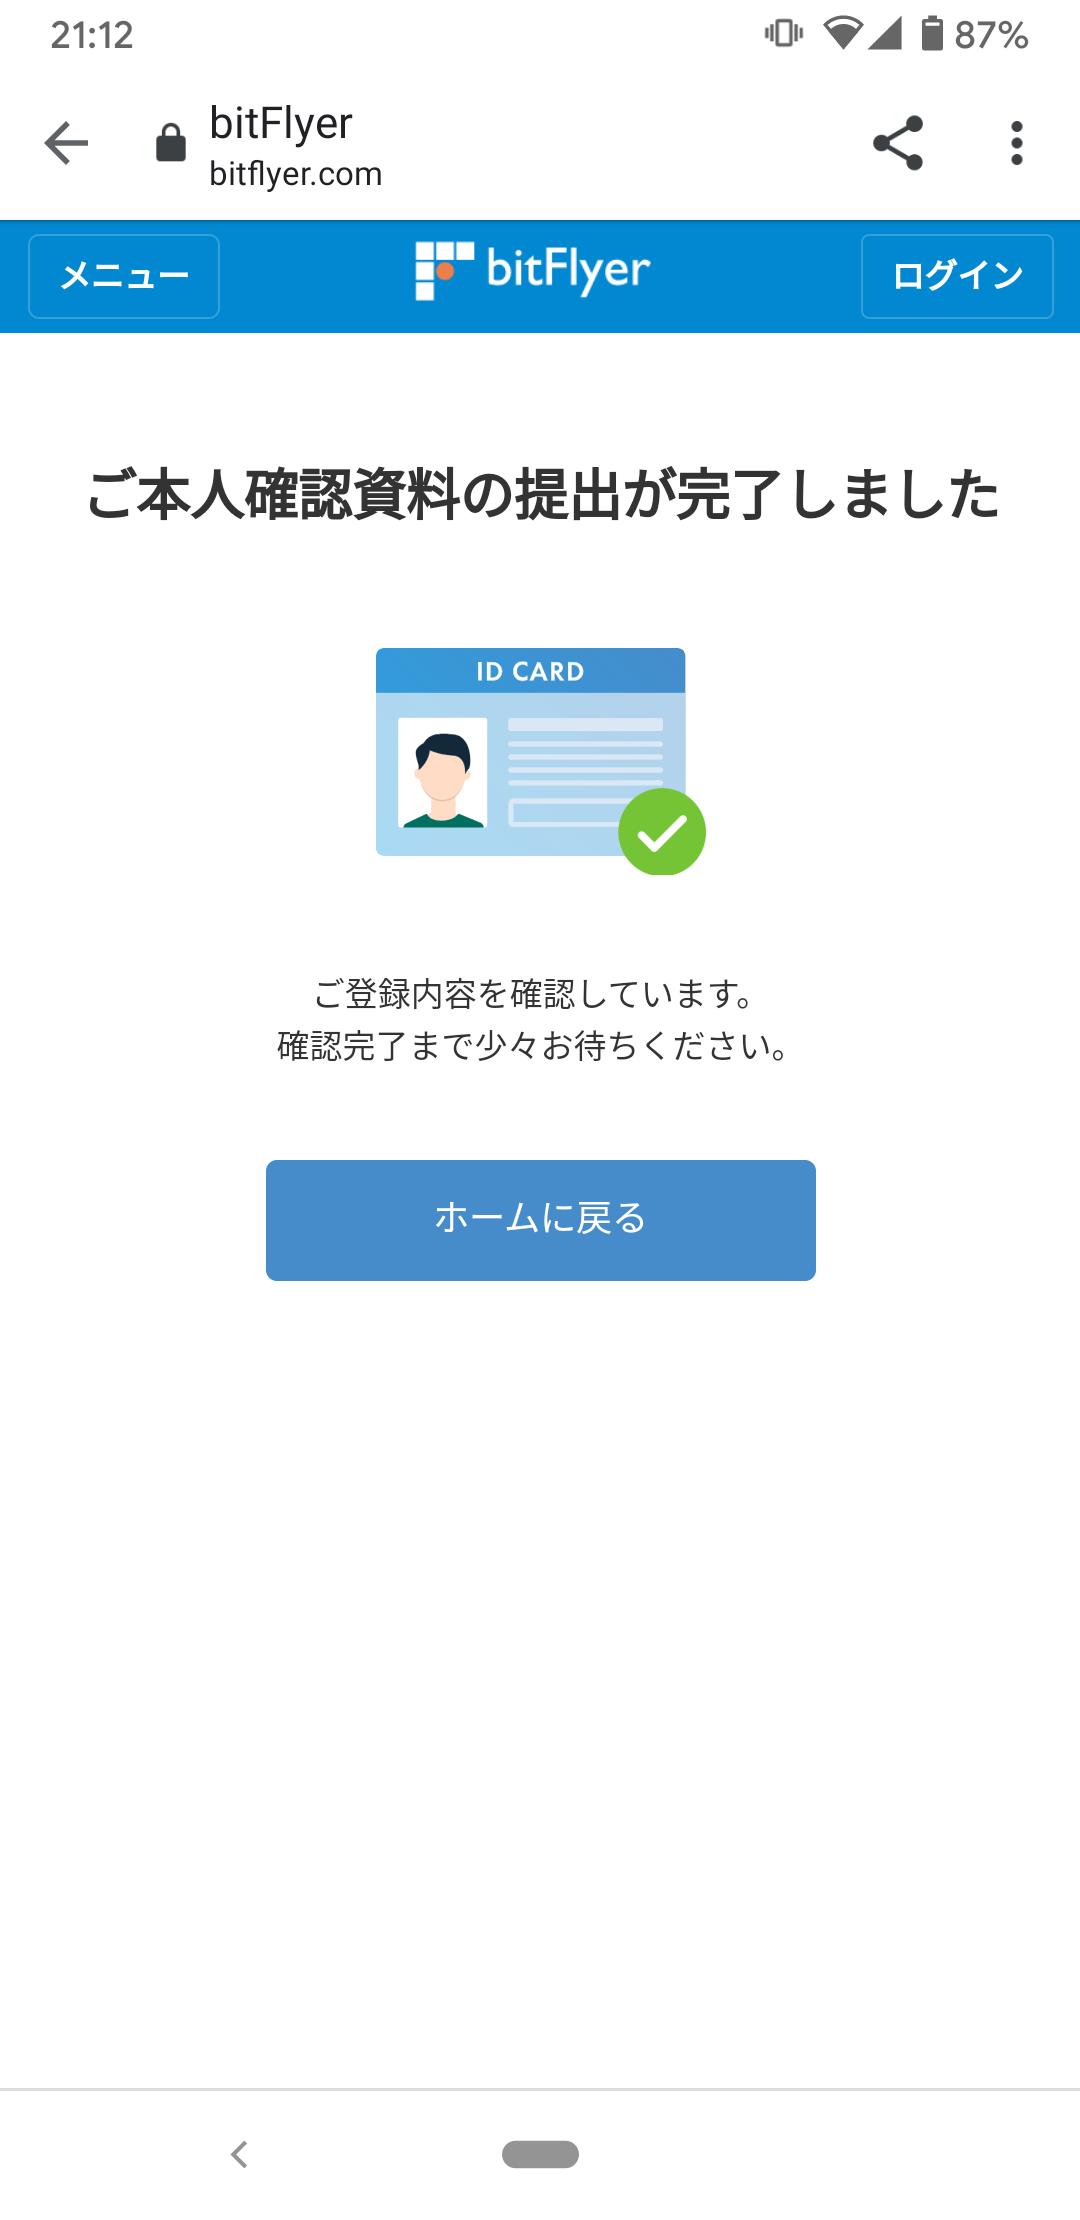 ビットフライヤー(bitFlyer) 登録